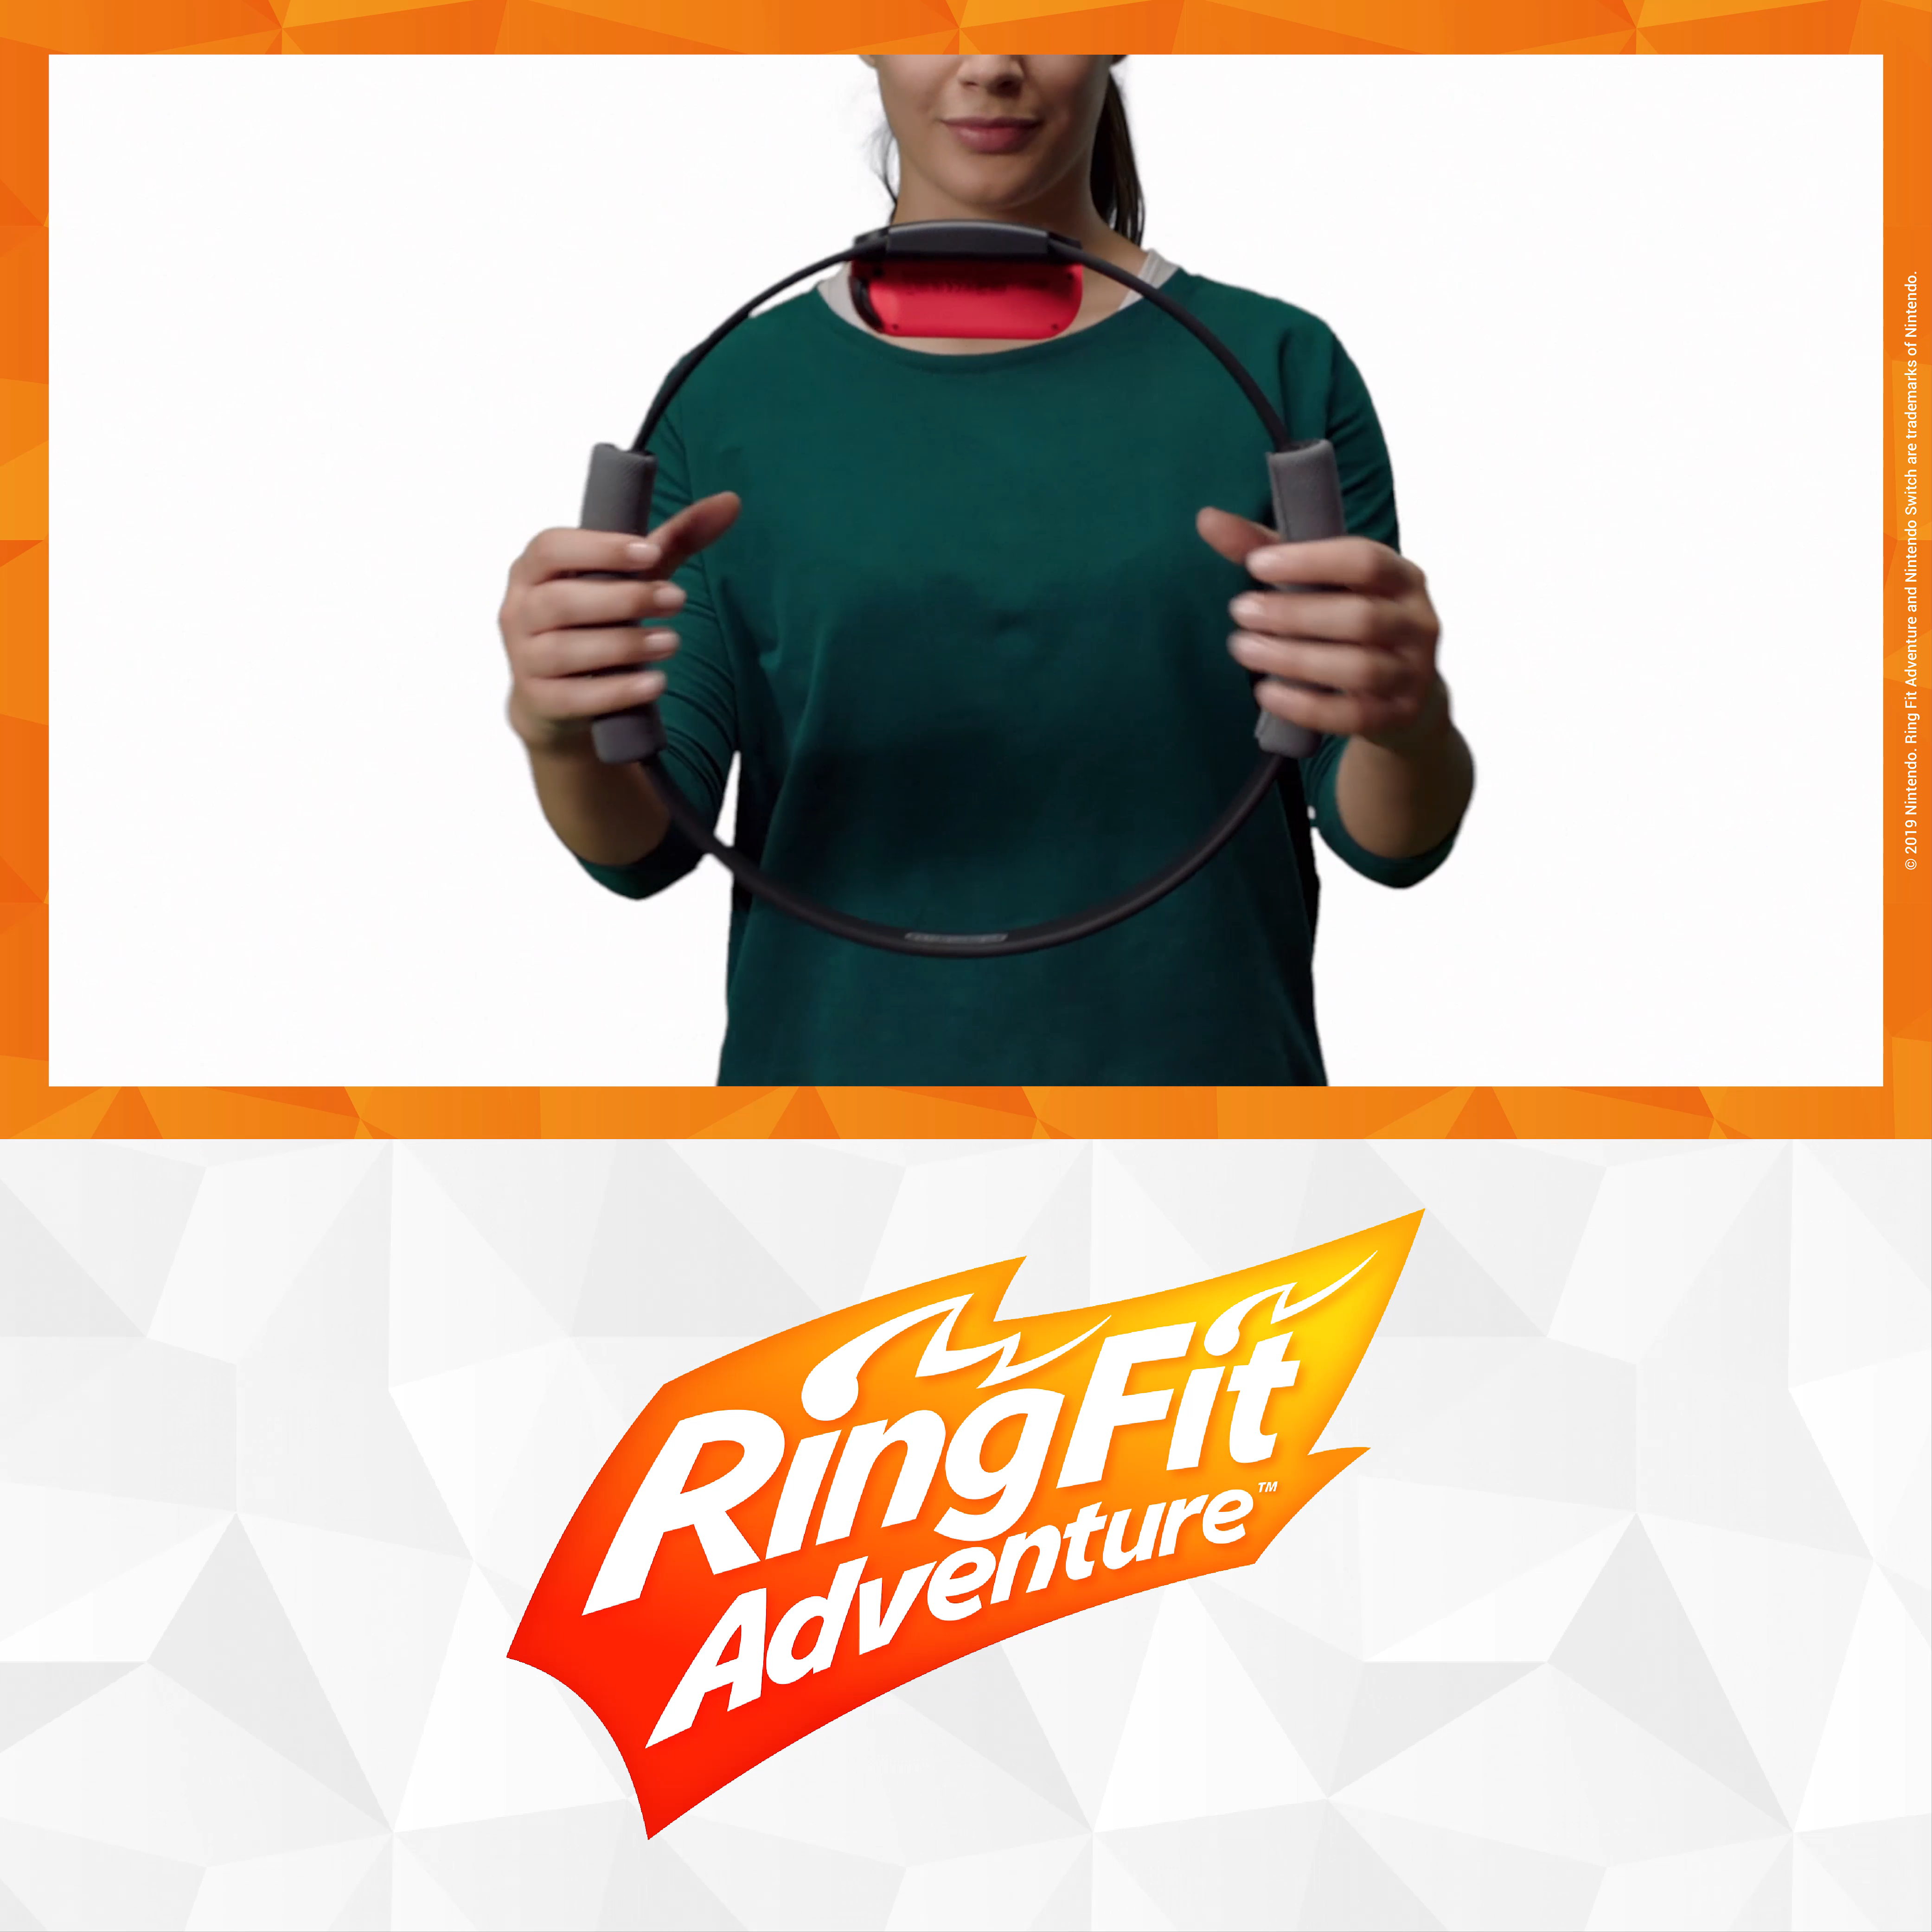 Ein Abenteuer das bewegt Ring Fit Adventure für Nintendo Switch Erkunde eine riesige FantasyWelt und besiege Gegner mit über 60 echten Fitnessübungen